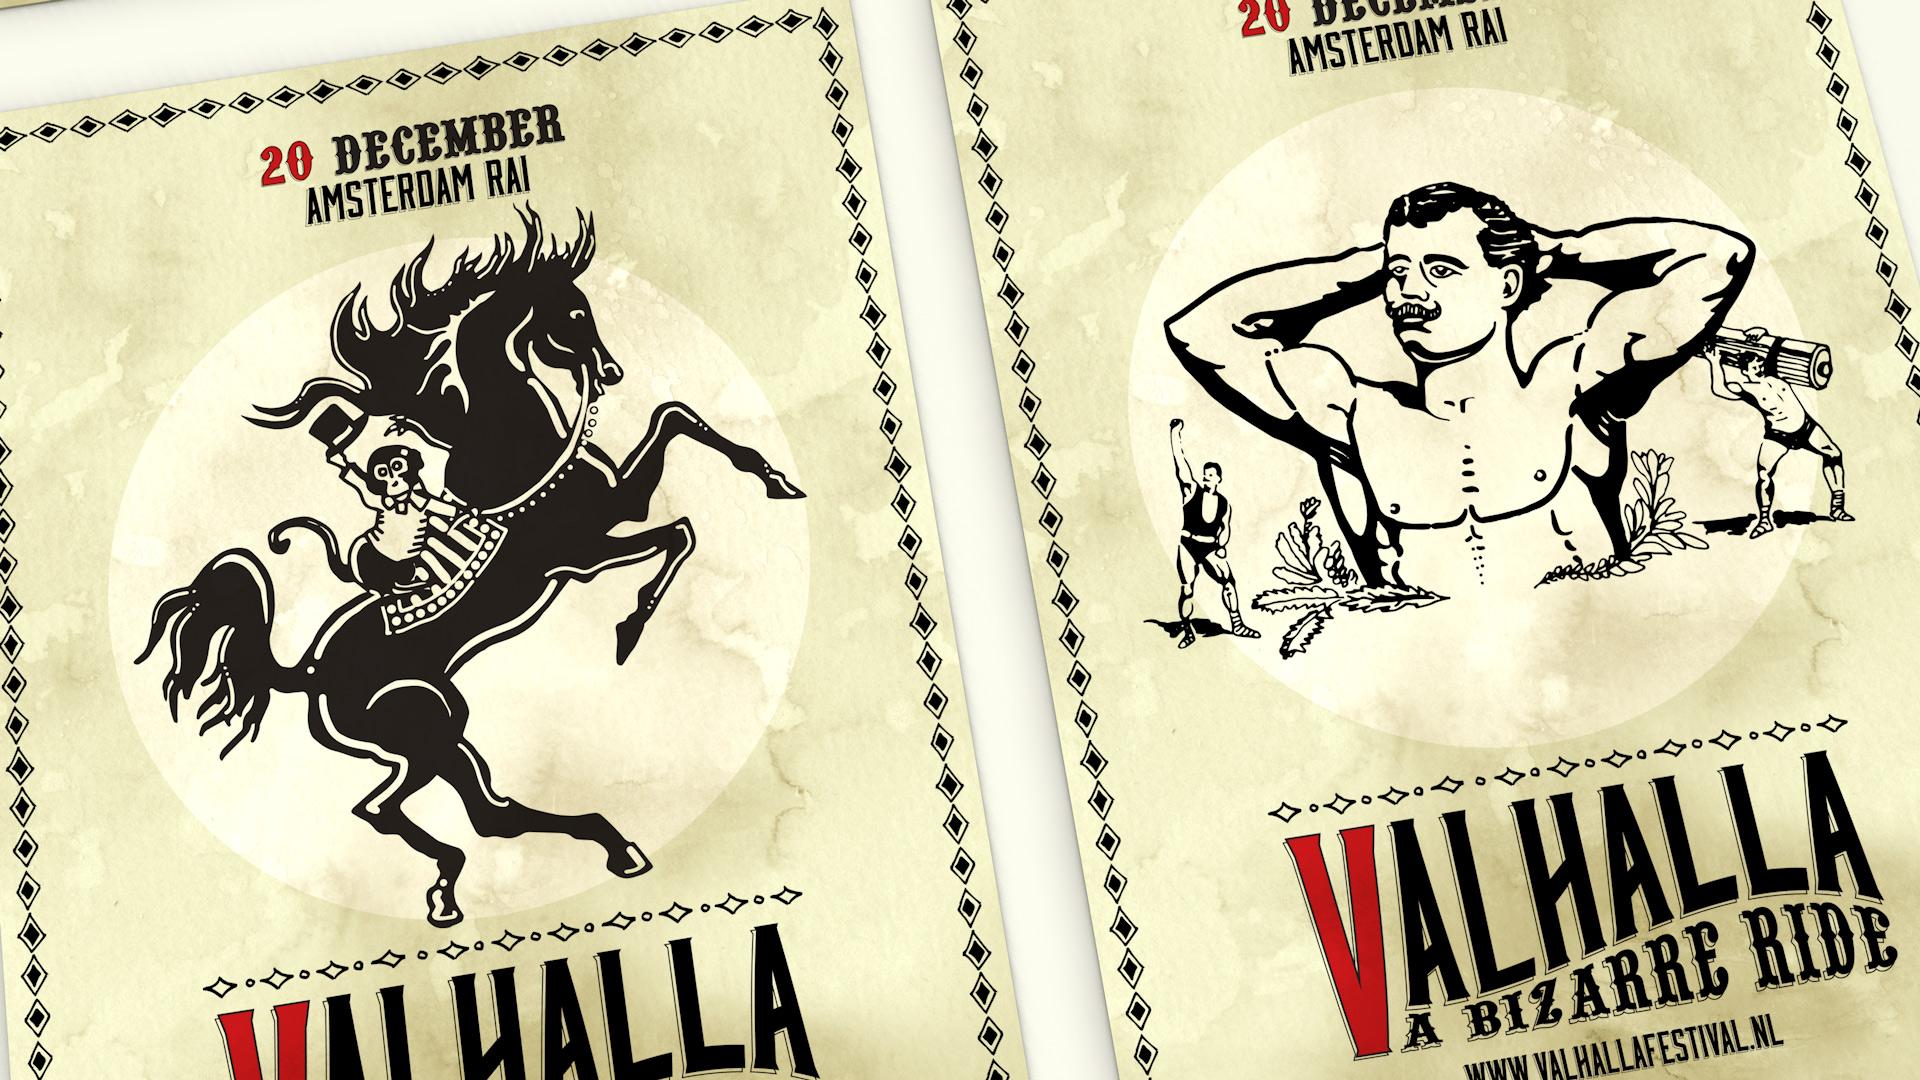 Valhalla Design